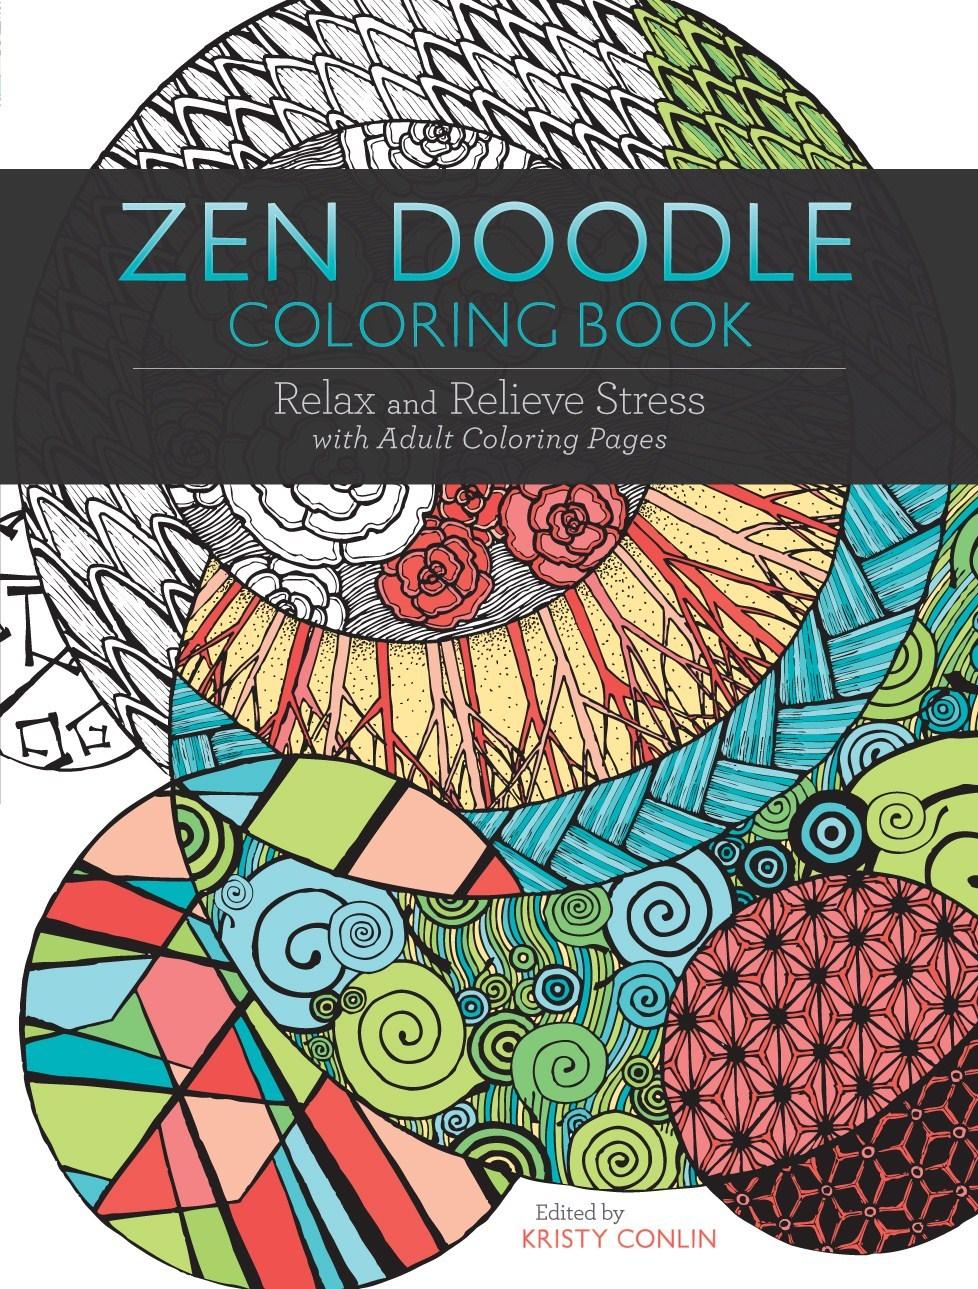 Zen colouring tesco - Zendoodle Colouring Book